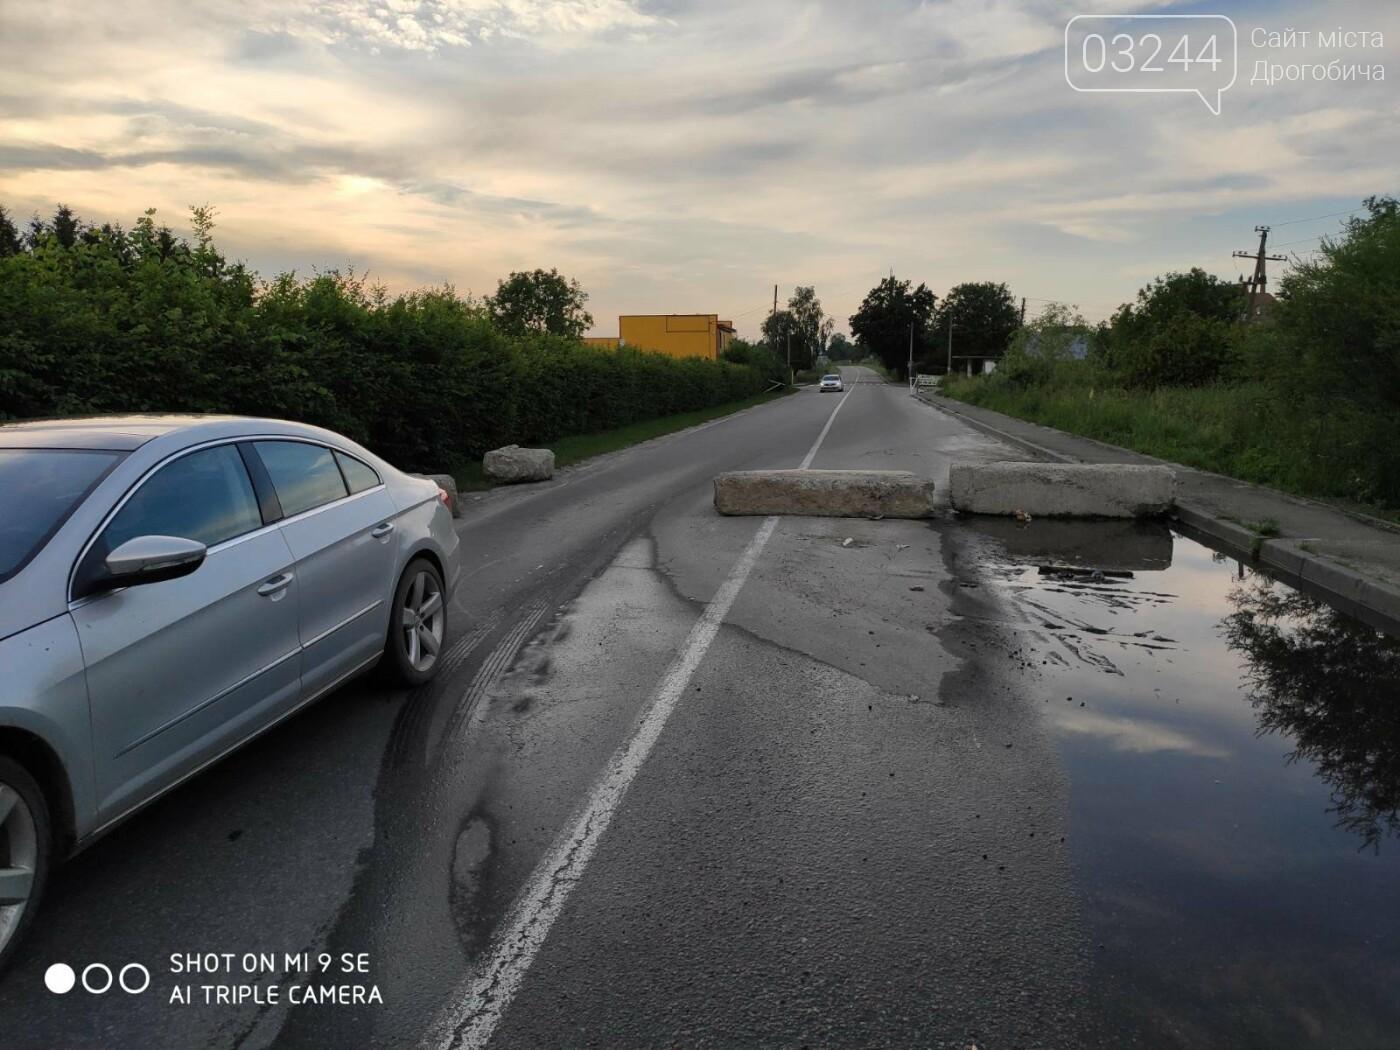 Дорога Дрогобич-Трускавець відкрита для транспорту: відсунуто блоки та шлагбаум. Однак, водіям слід бути обачними, фото-6